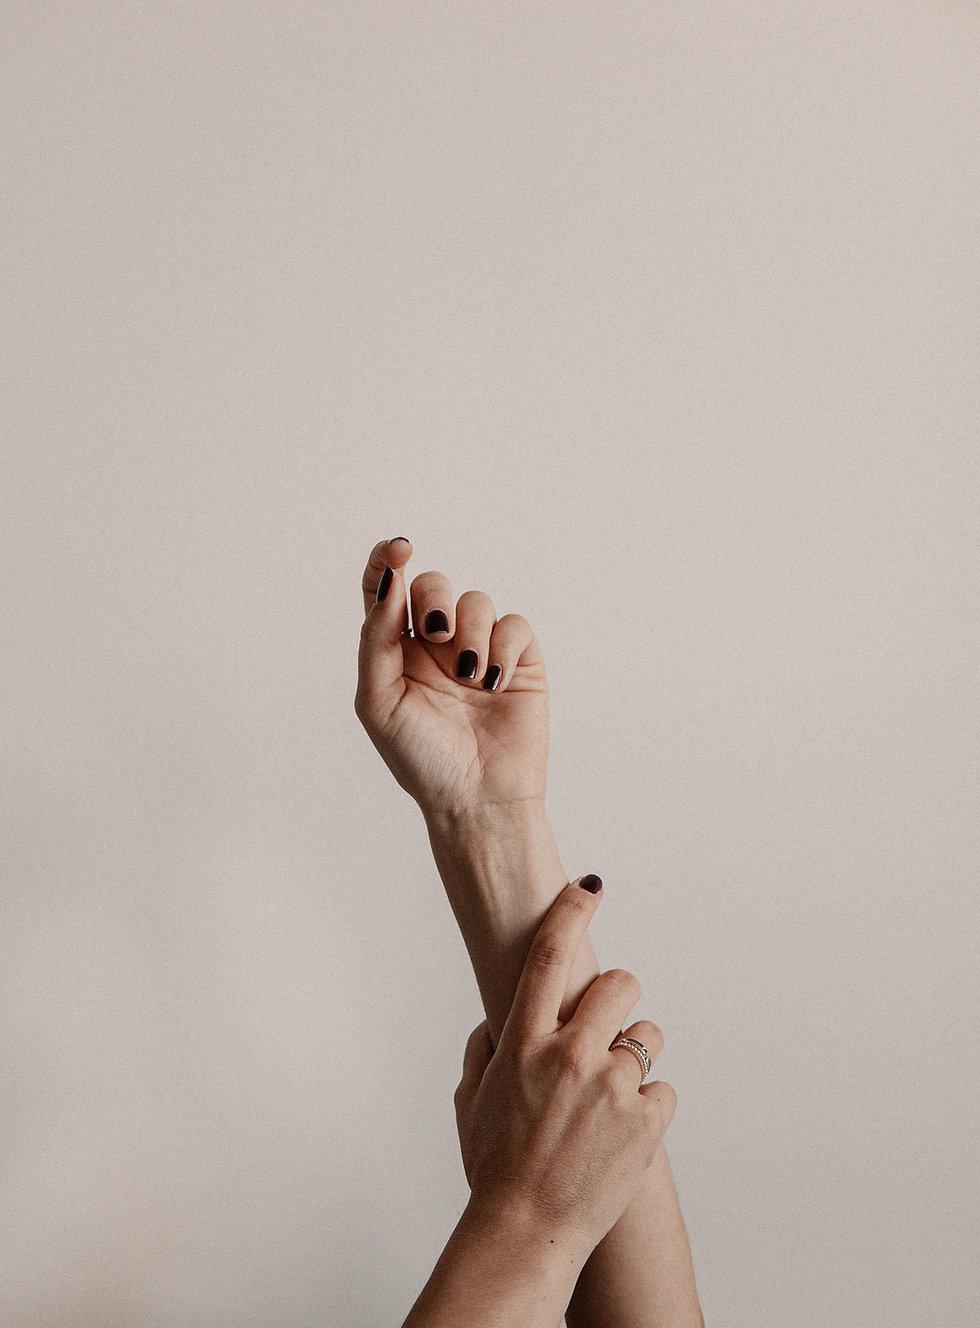 Image by Mathilde Langevin